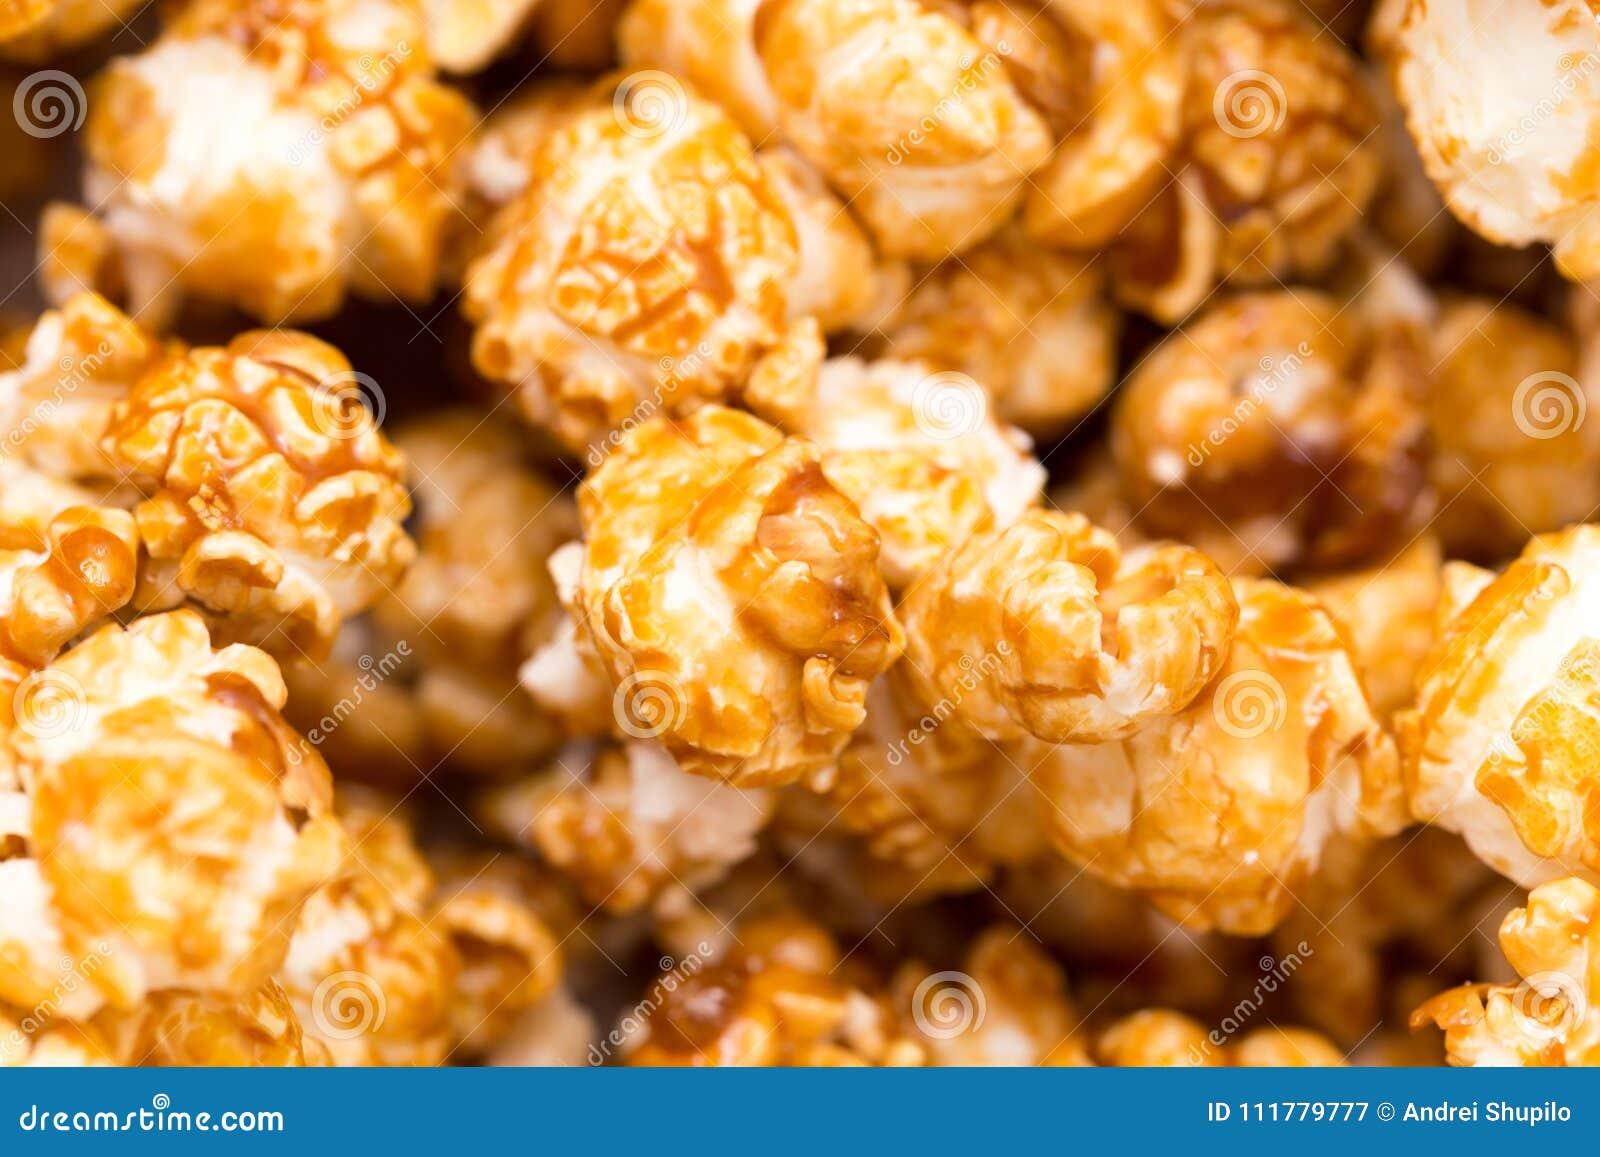 Popcorn als Hintergrund Makro